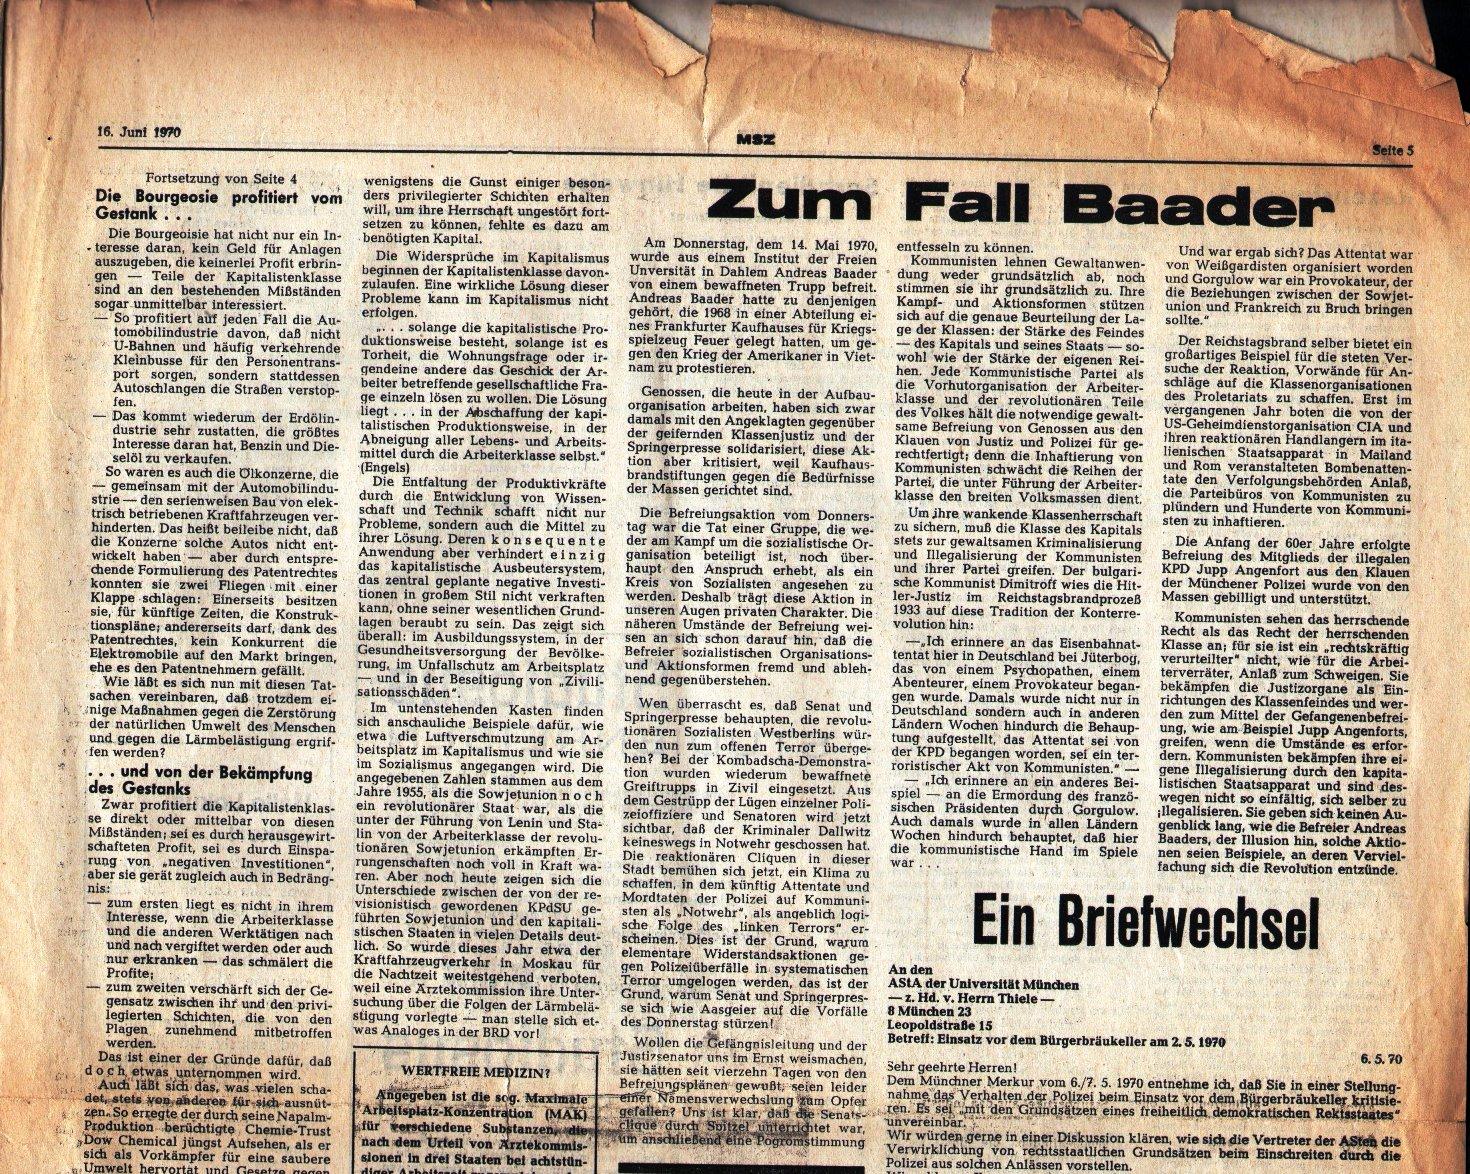 Muenchen_MSZ272